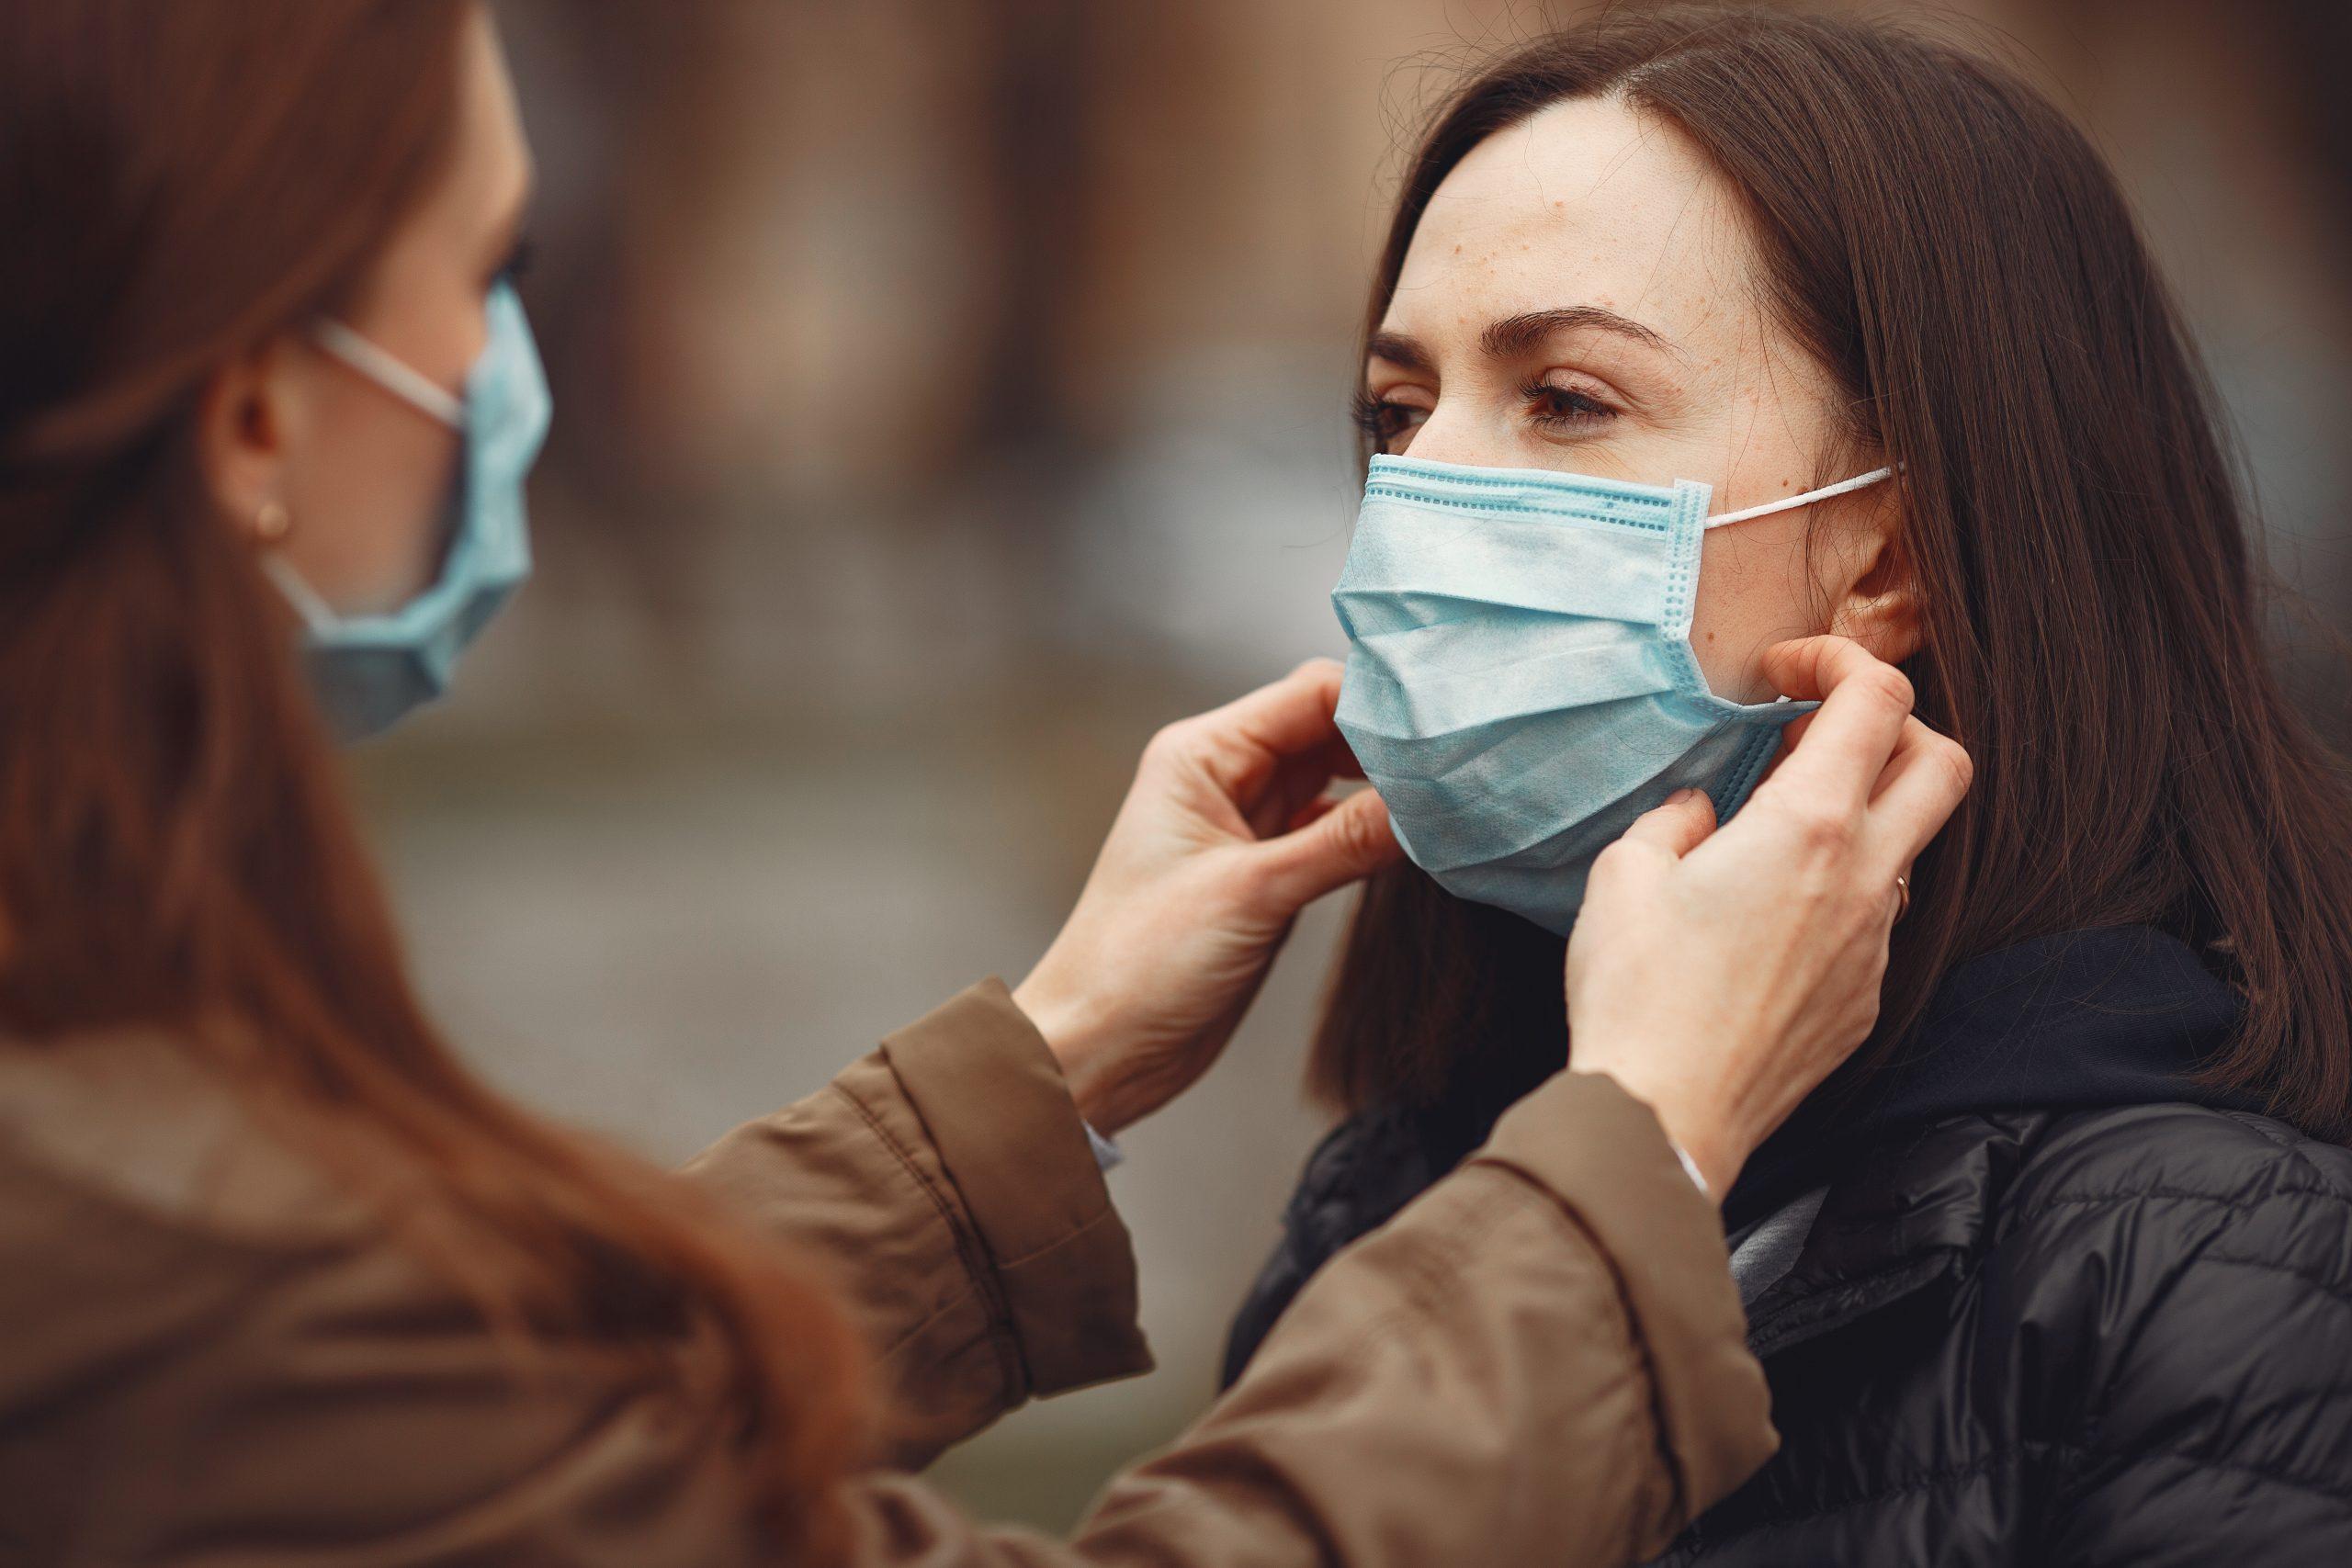 Women wearing mask in public